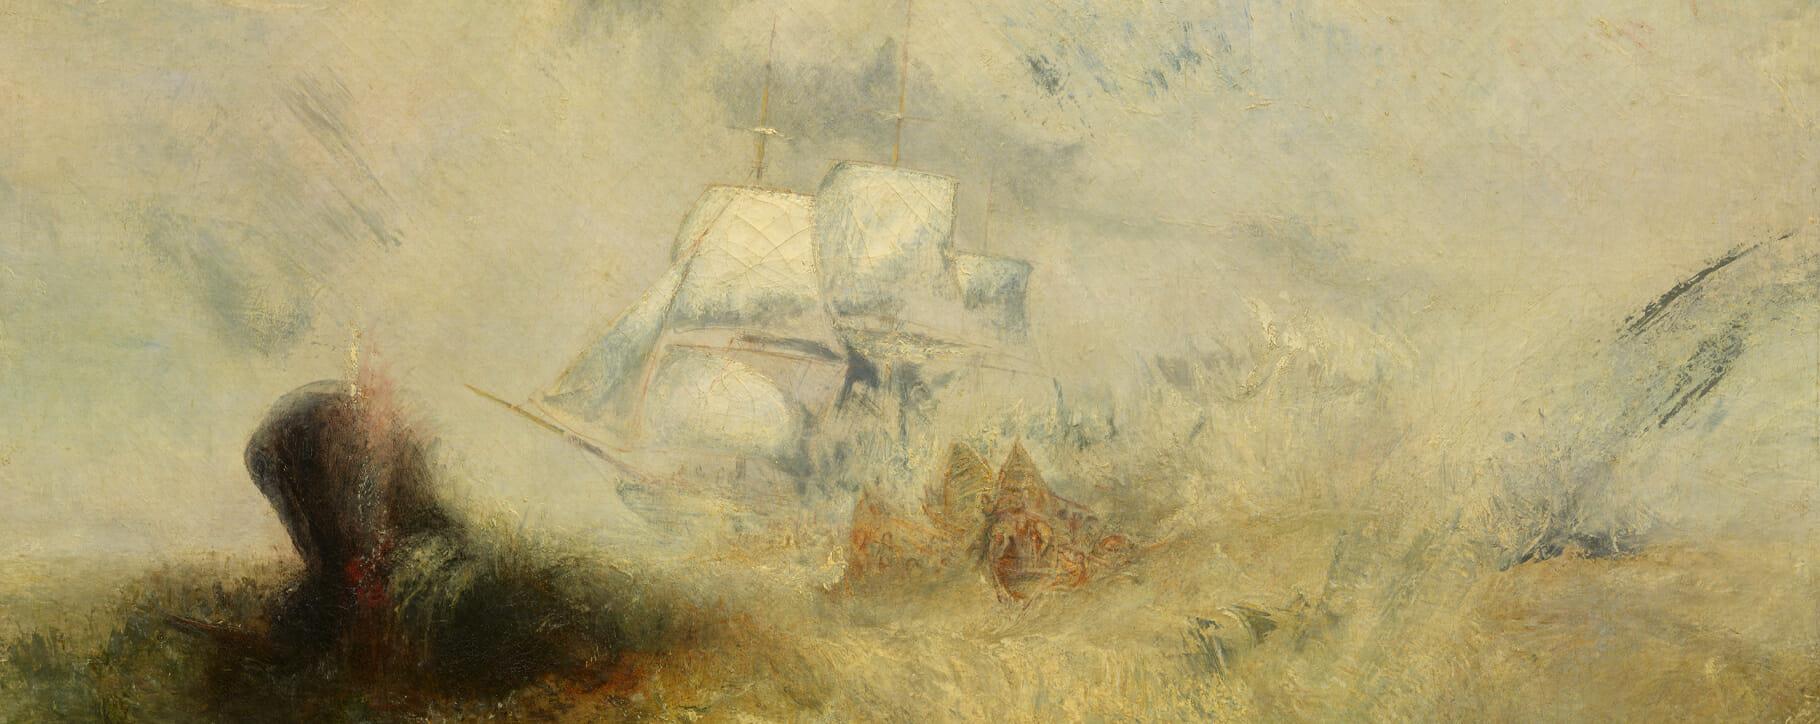 Turner Nautical Painting